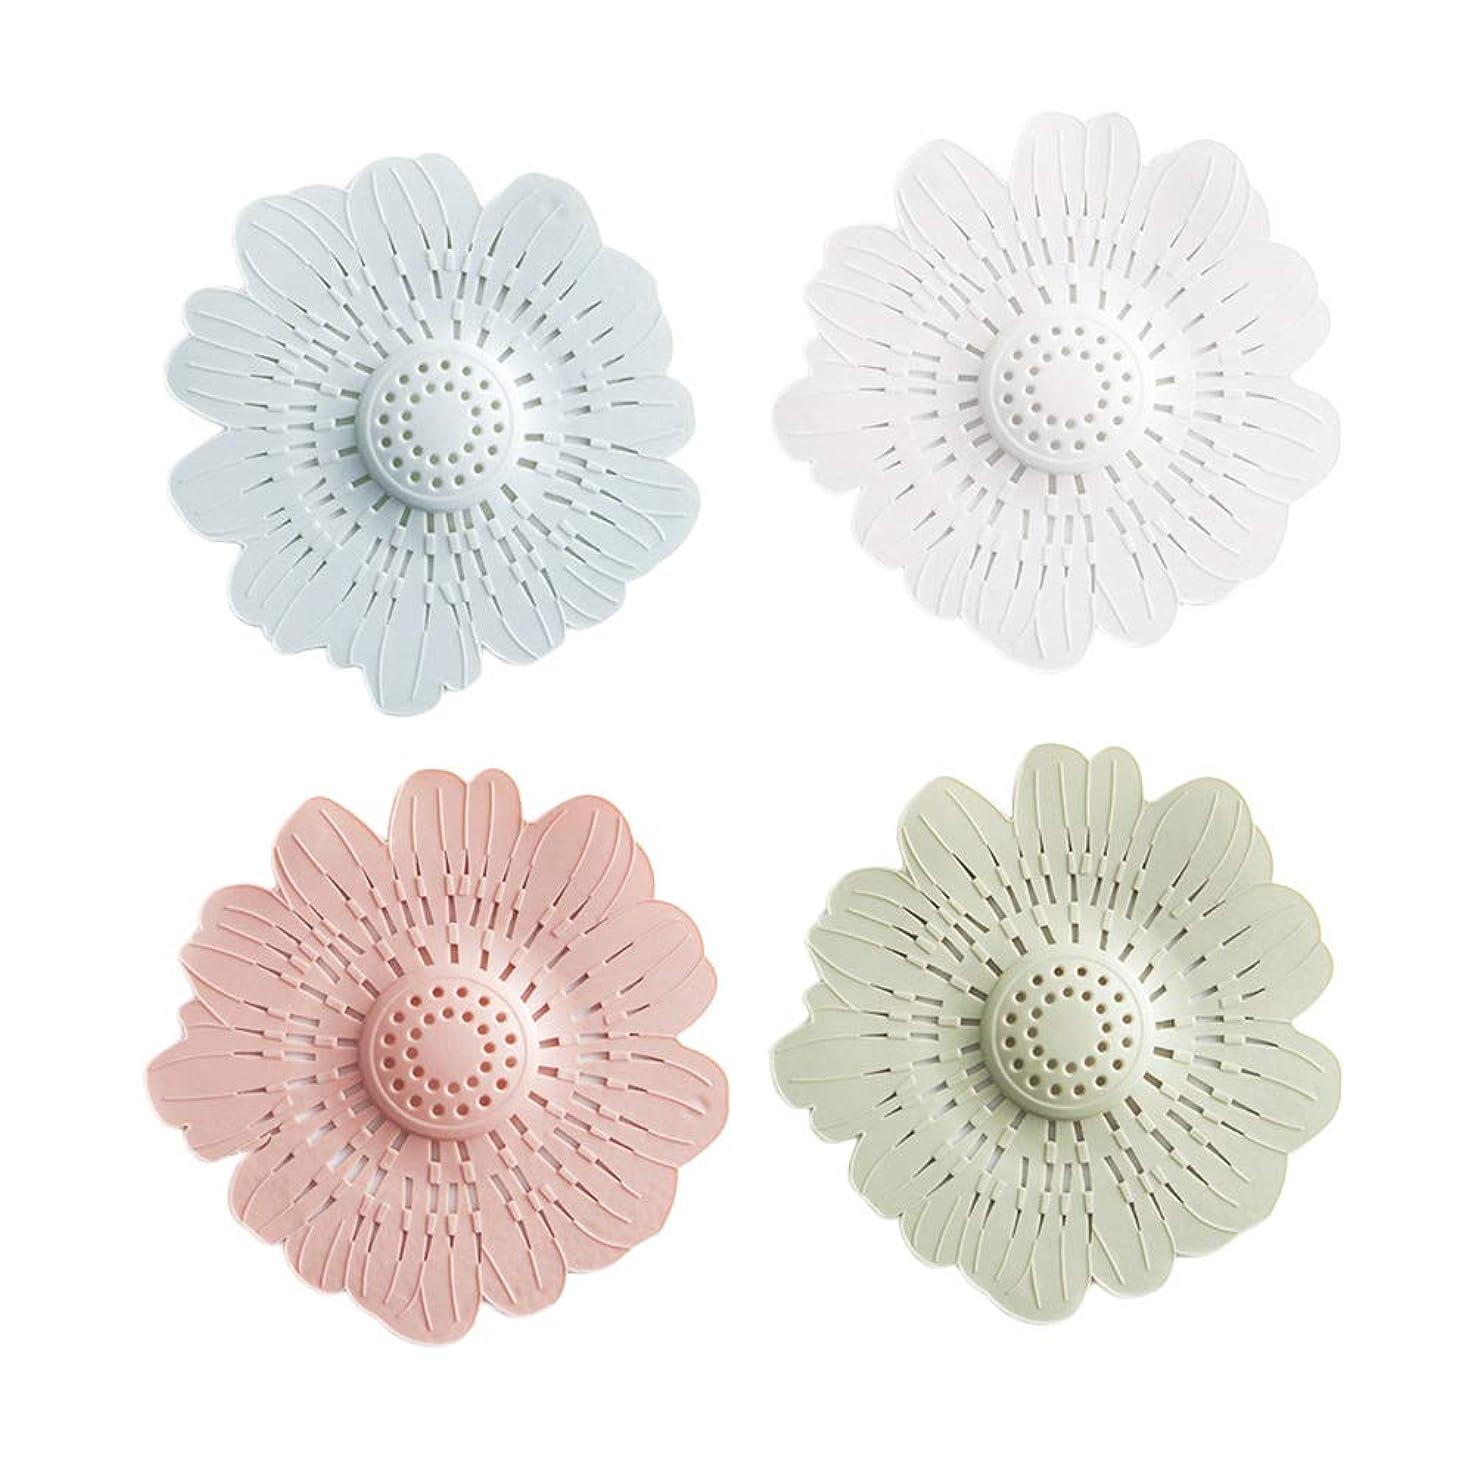 ずらすケント慢TOPBATHYフロアドレンヘアキャッチャーホームキッチンアクセサリー花の形4本